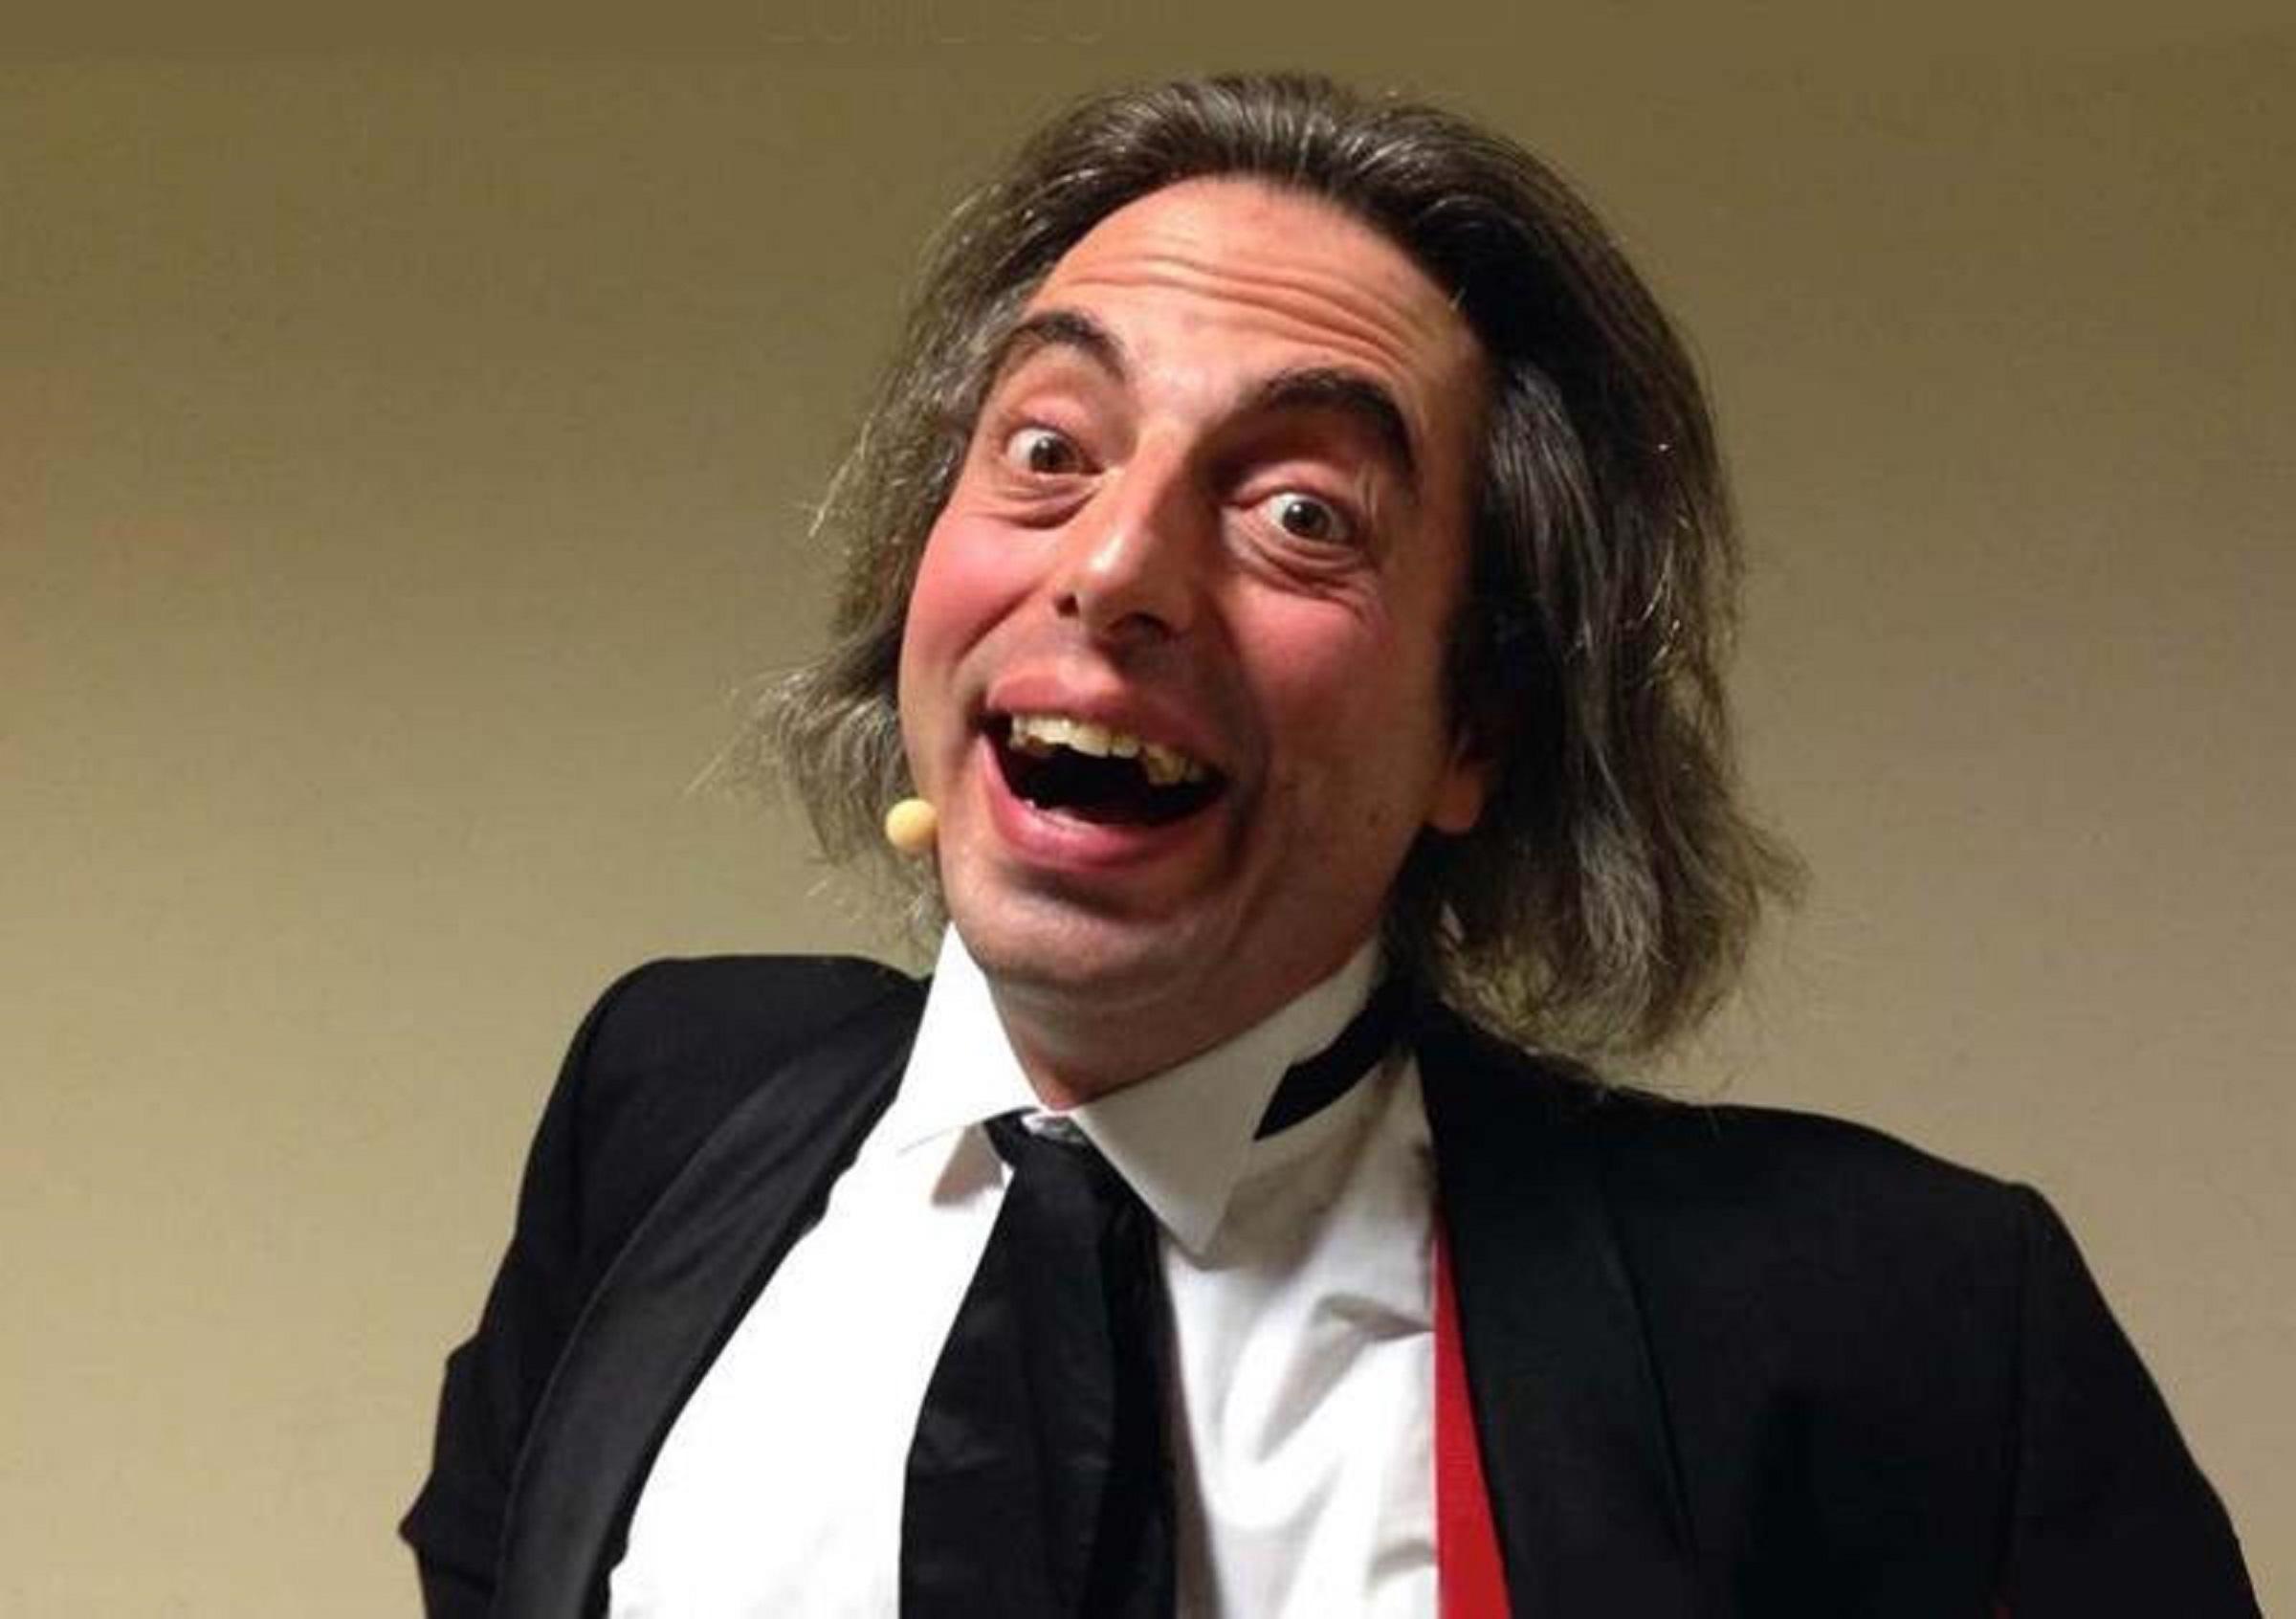 La magica comicità di Scimemi al Teatro Ridotto